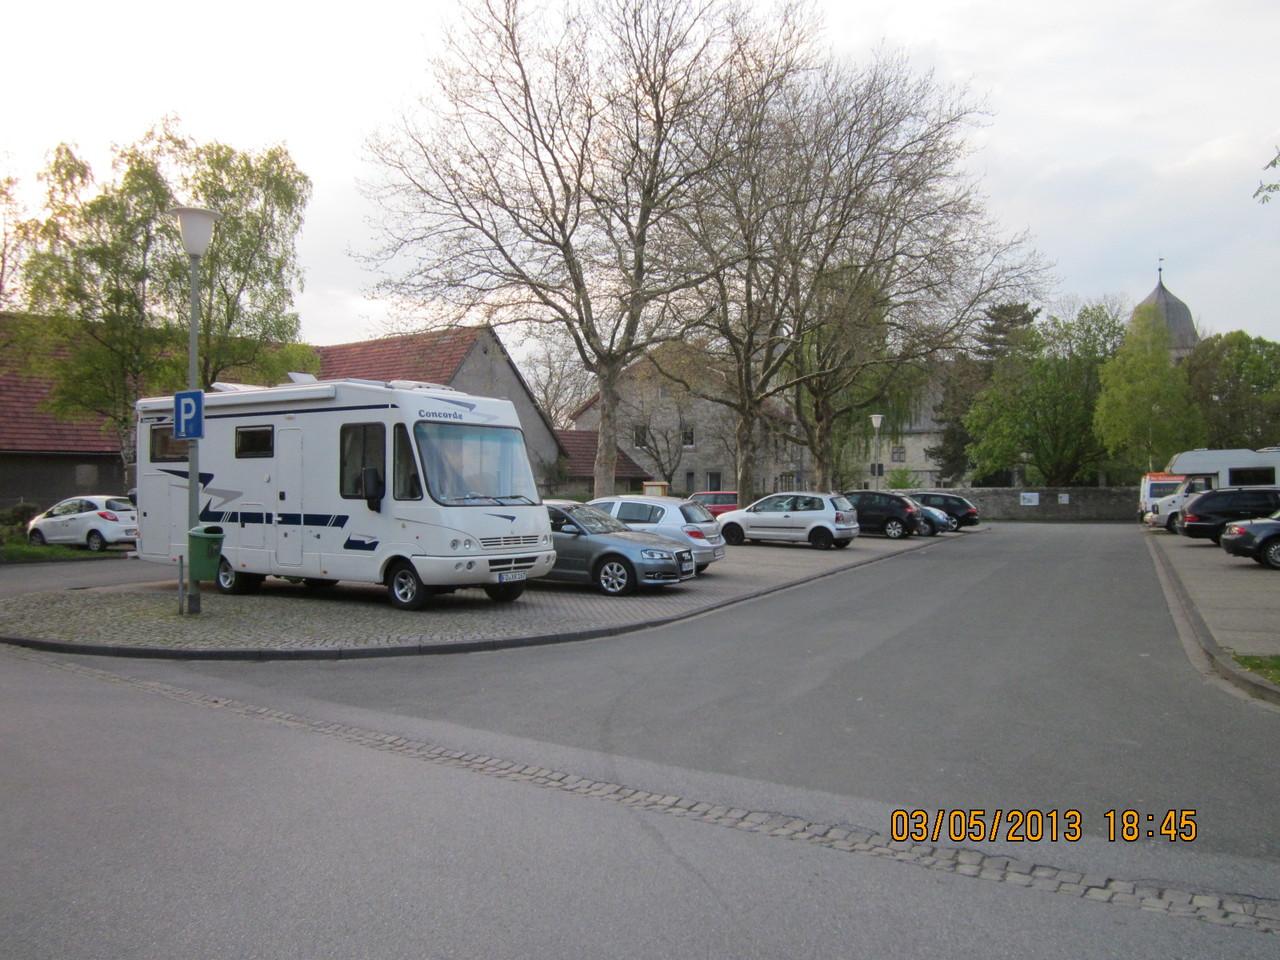 Parkplatz an der Wewelsburg